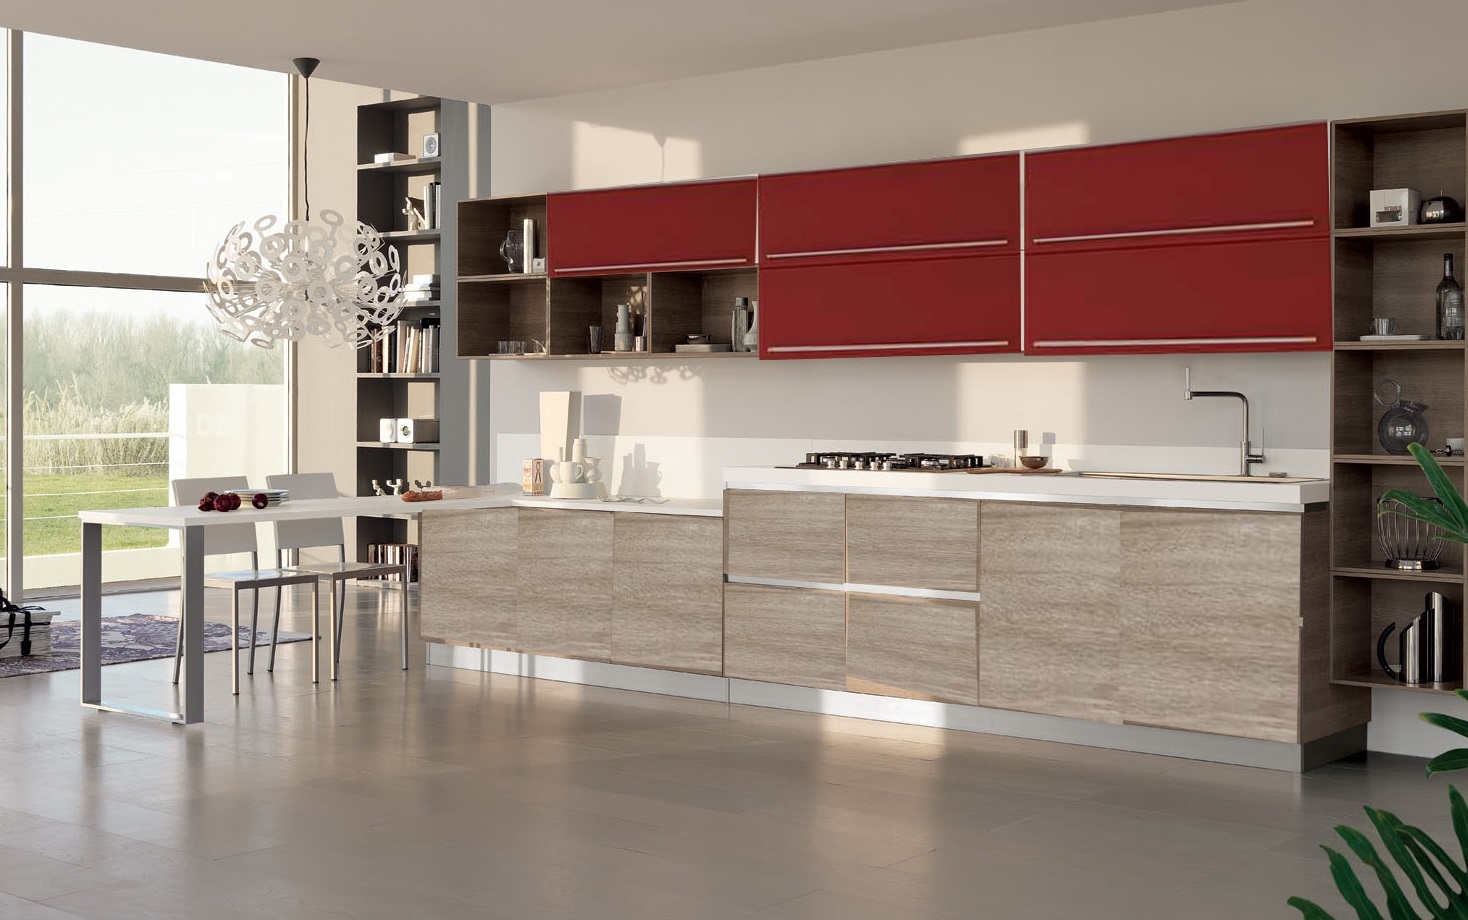 Cucina essenza prezzo outlet rossa e beige in offerta con piano penisola omaggio cucine a - Cucina bianca e rossa ...